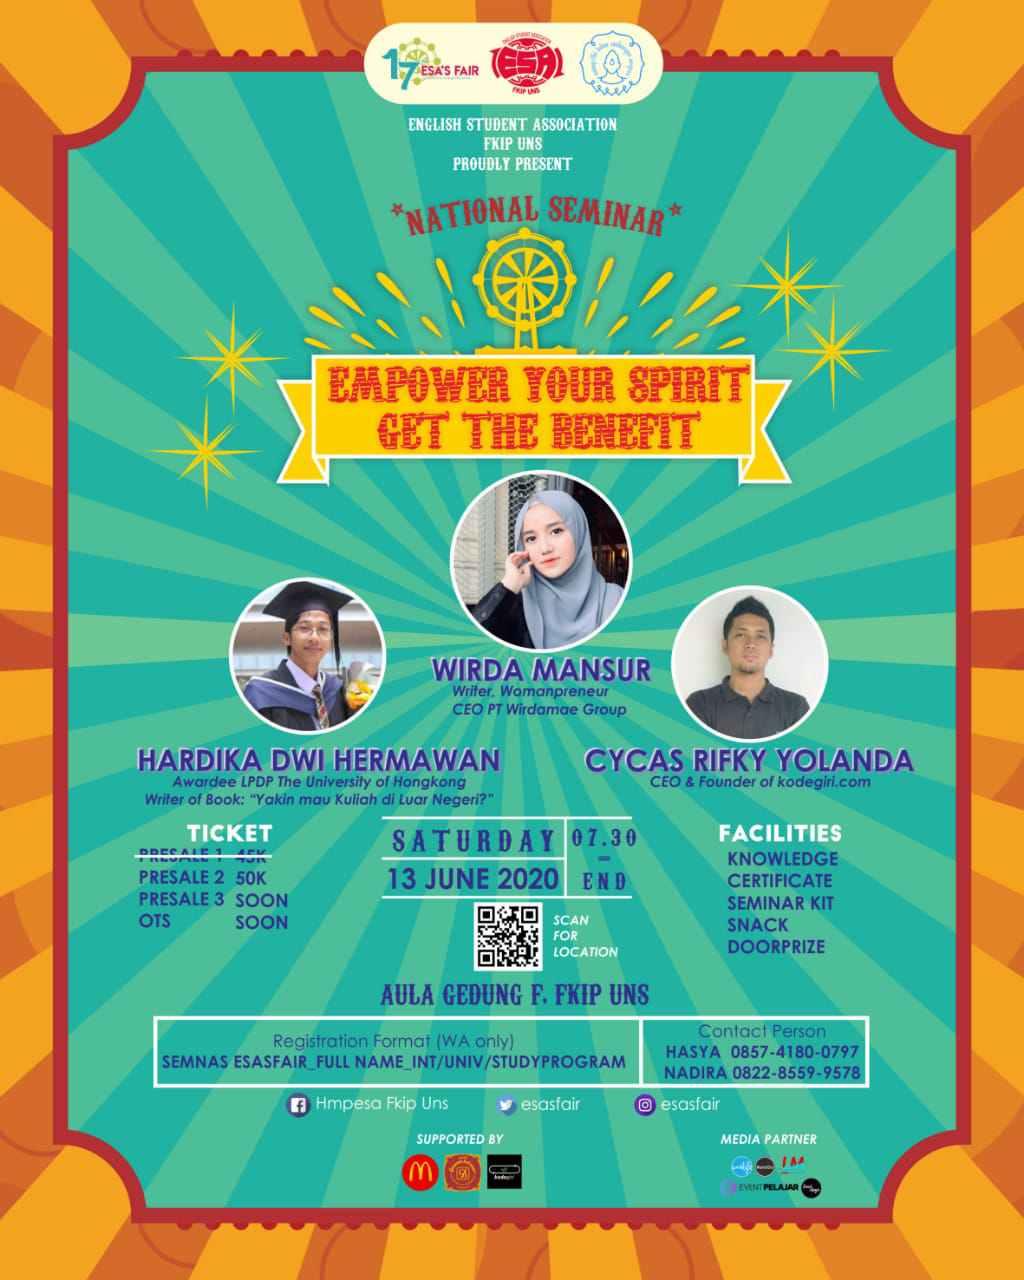 National Seminar Esa's Fair 2020